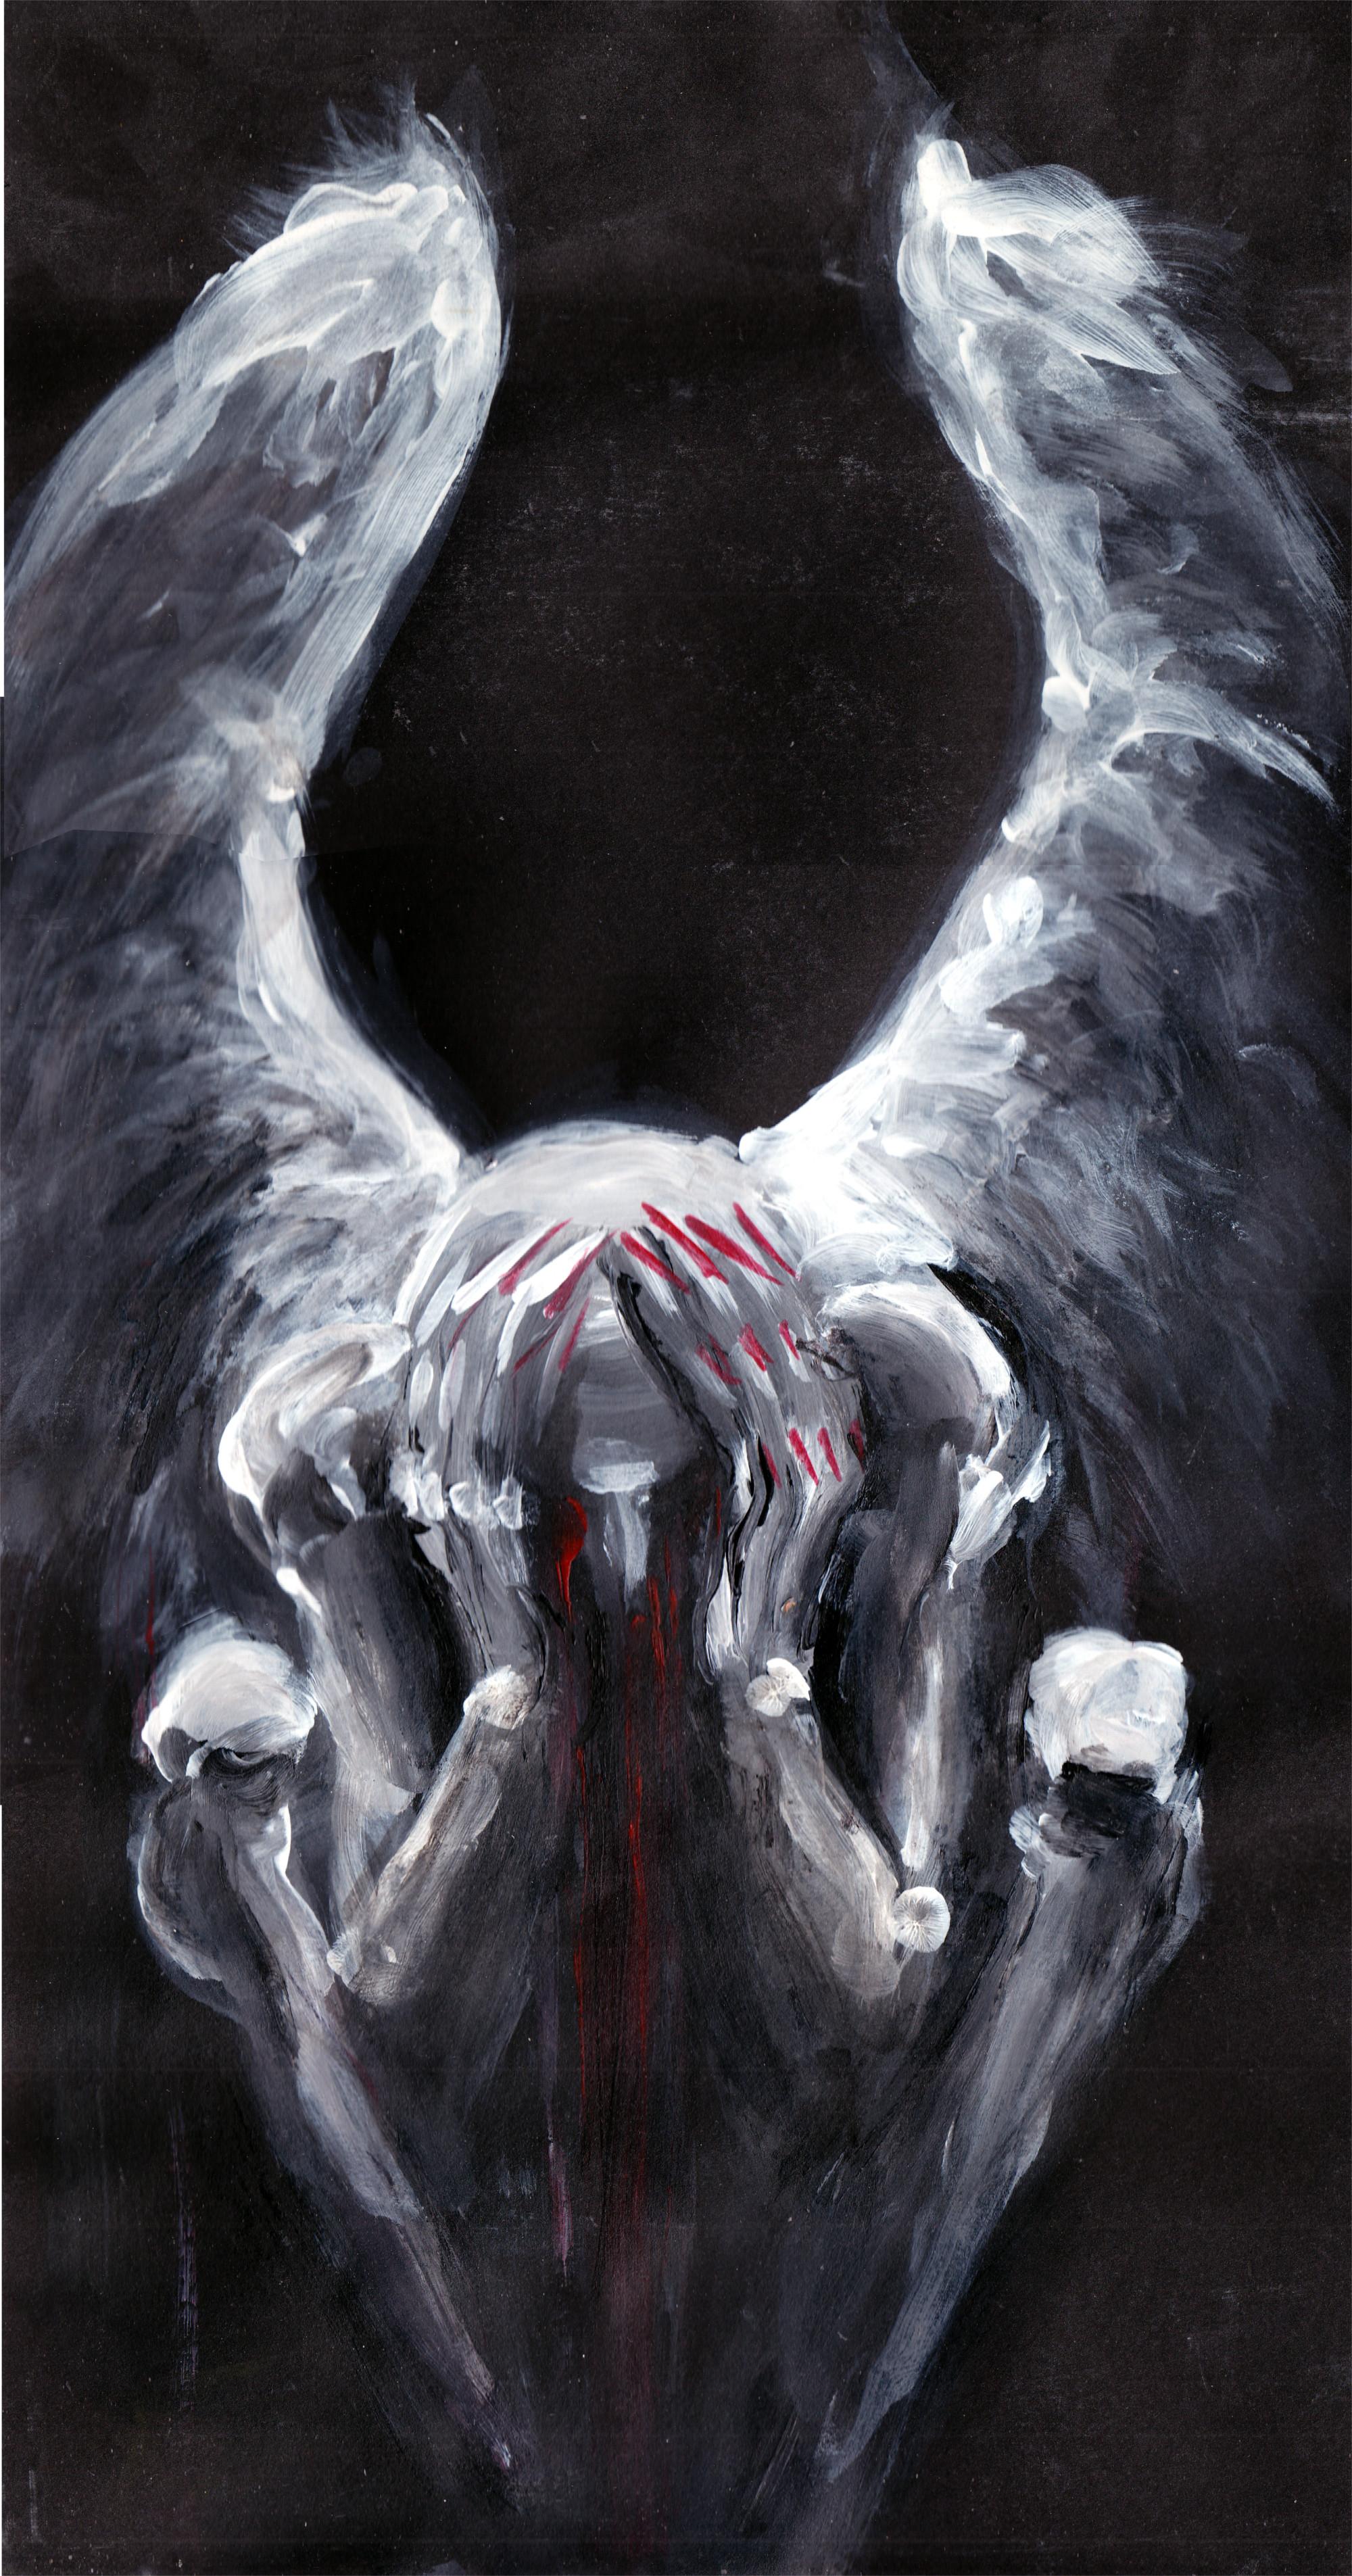 Angel In Despair by Veitstanzproject on DeviantArt